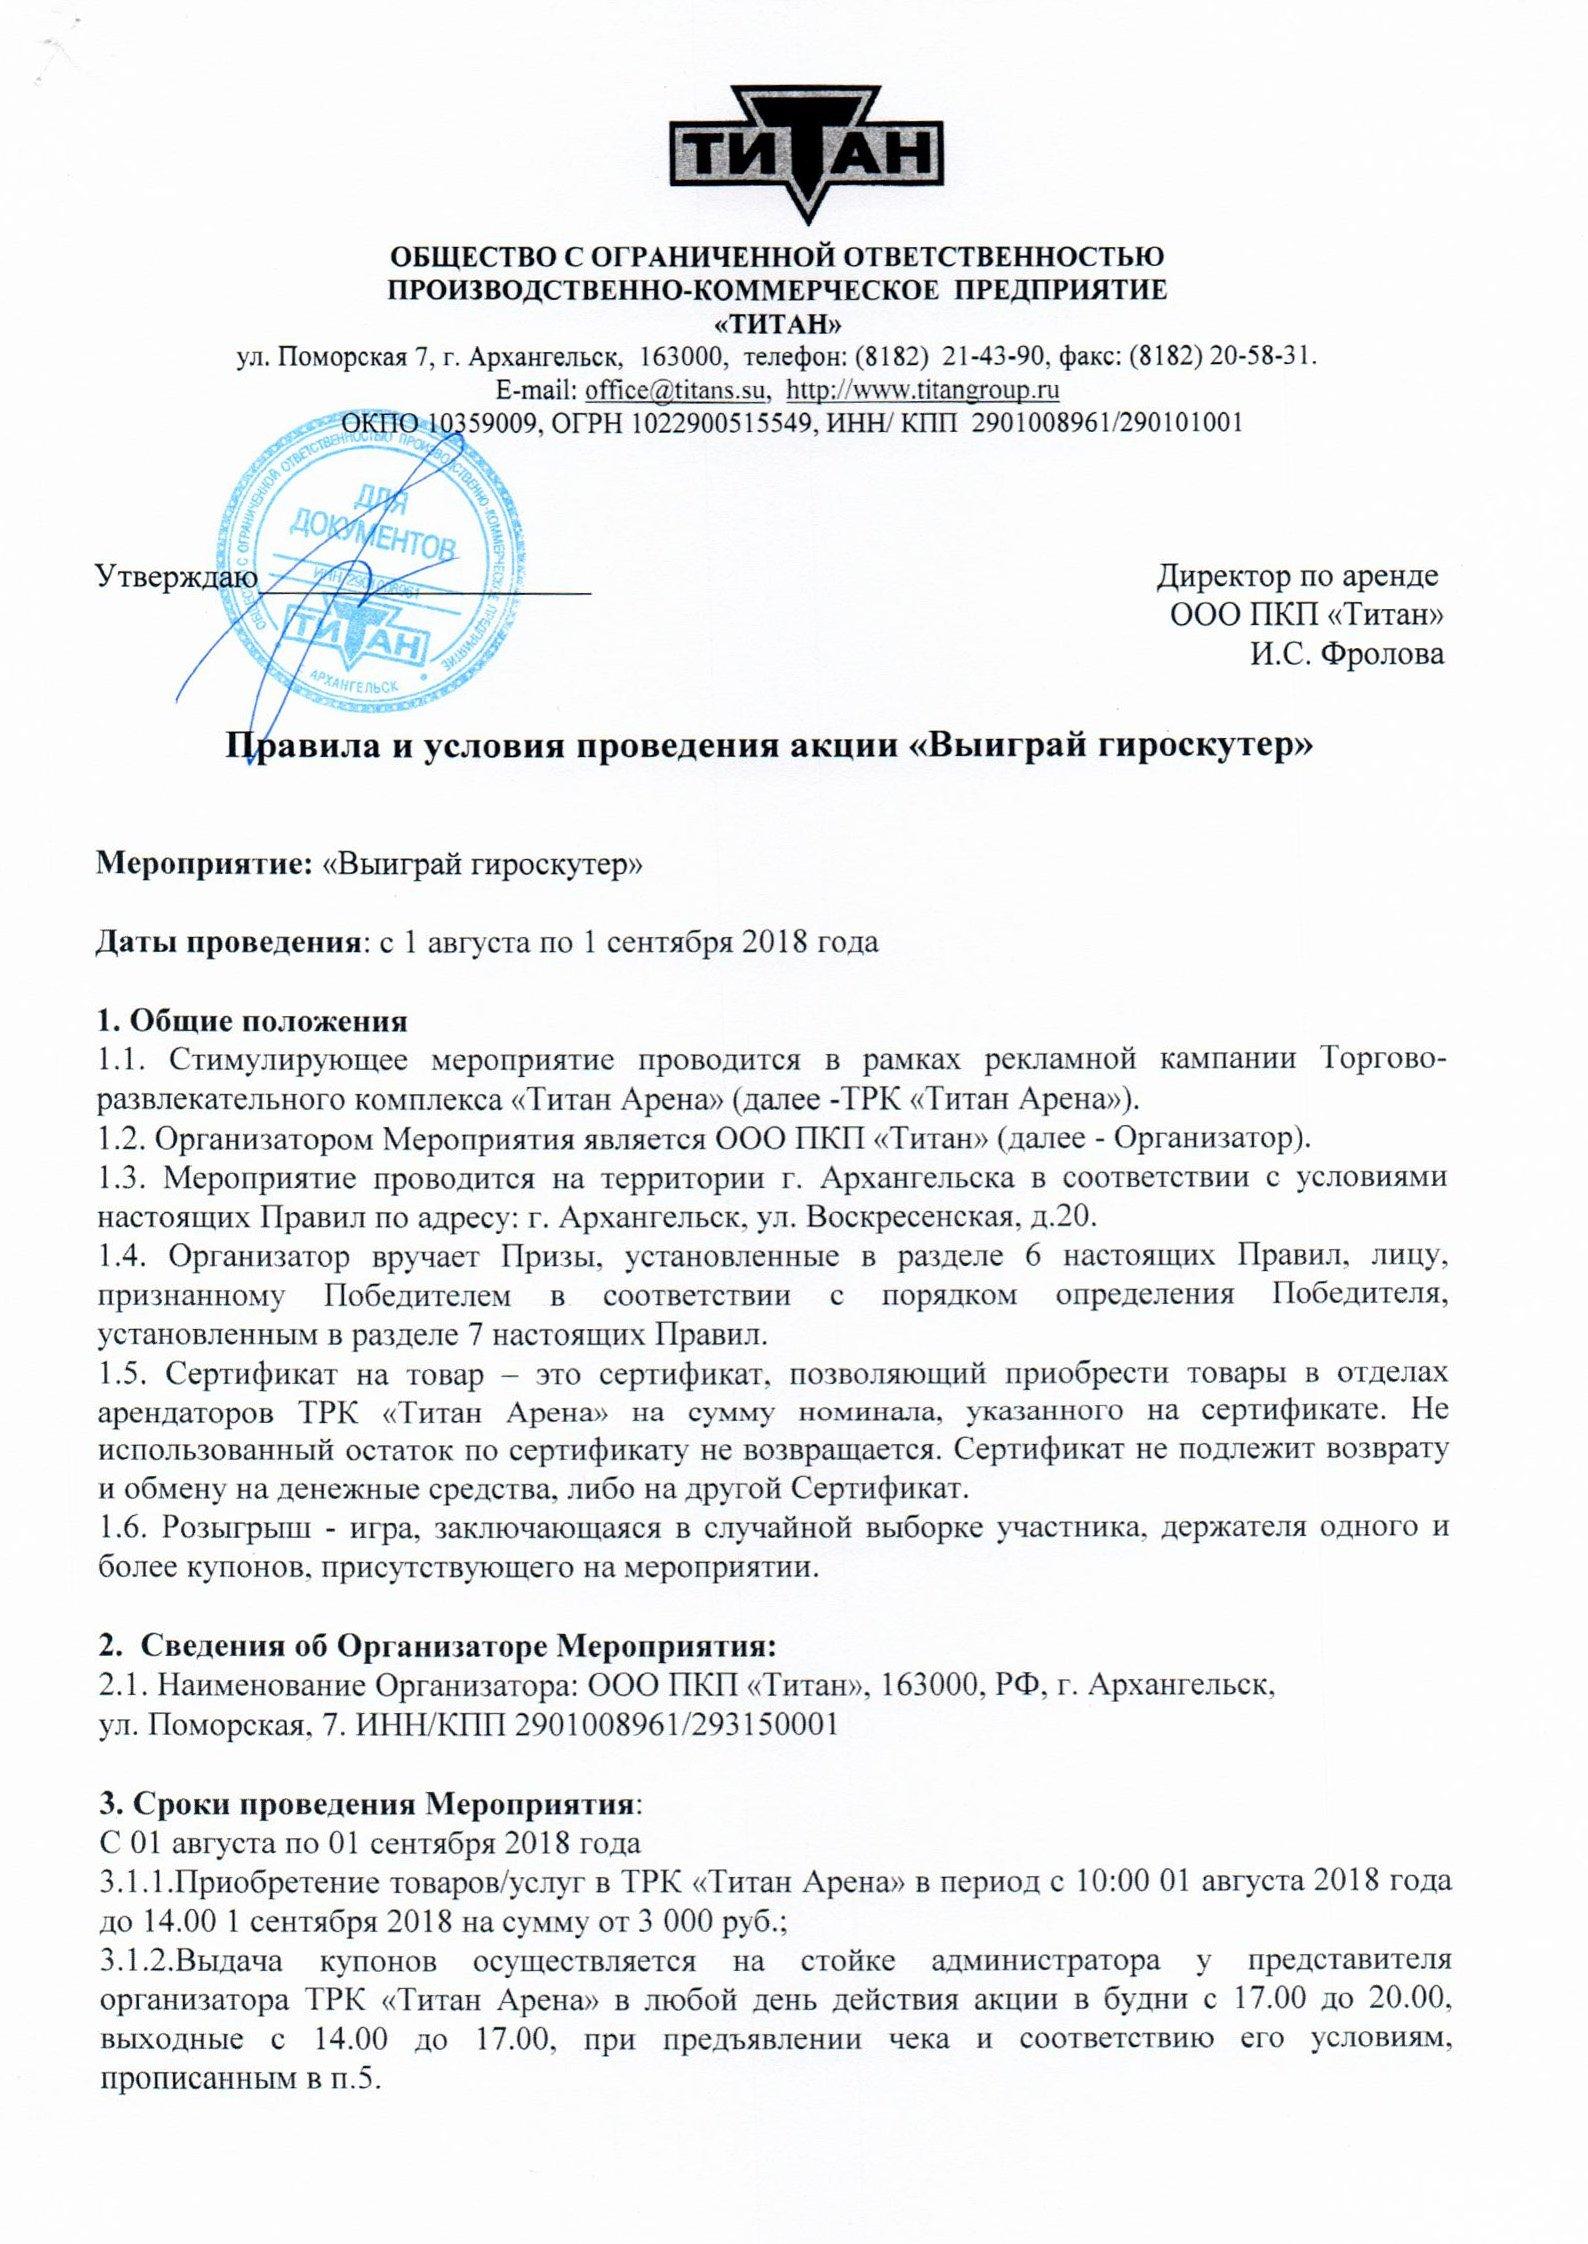 Правила и условия акции ТРК Титан Арена0001